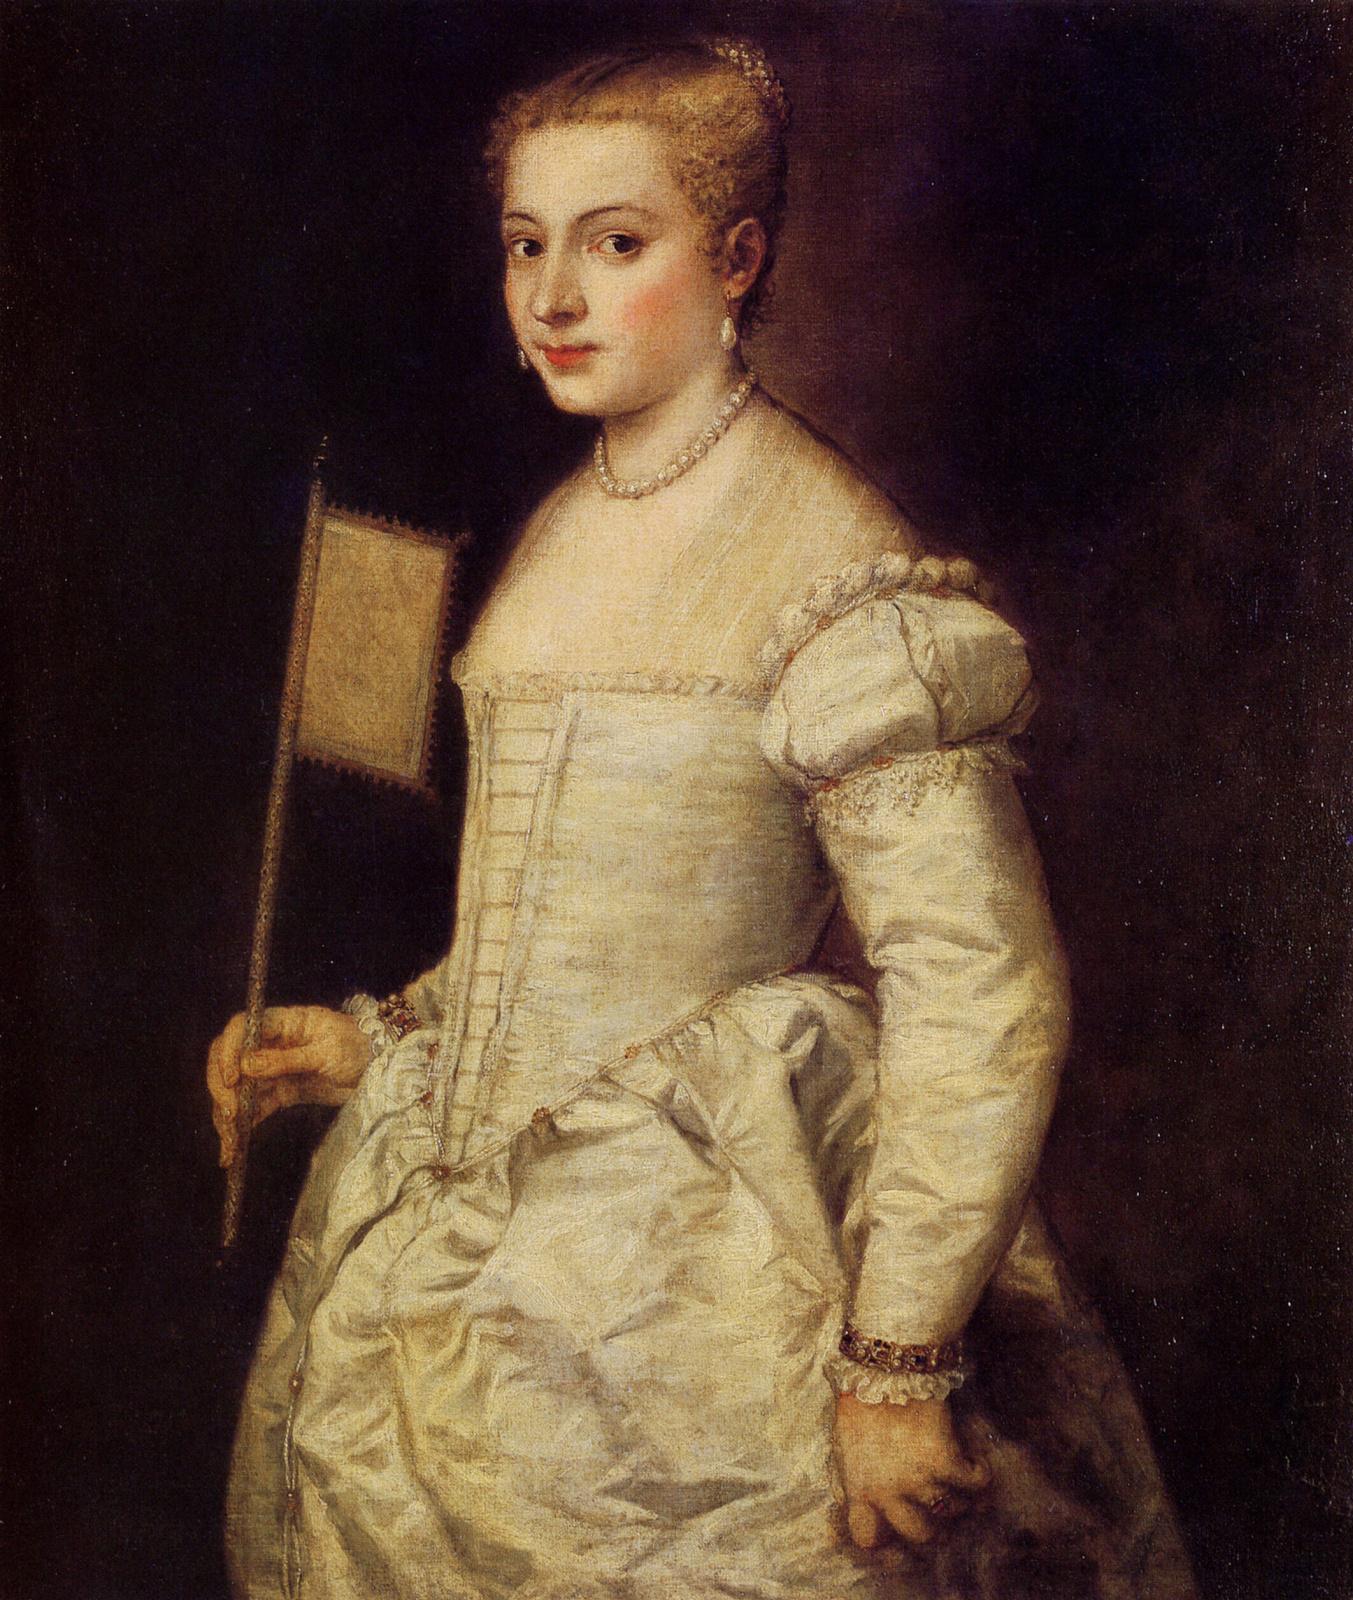 Тициан Вечеллио. Портрет женщины в белом